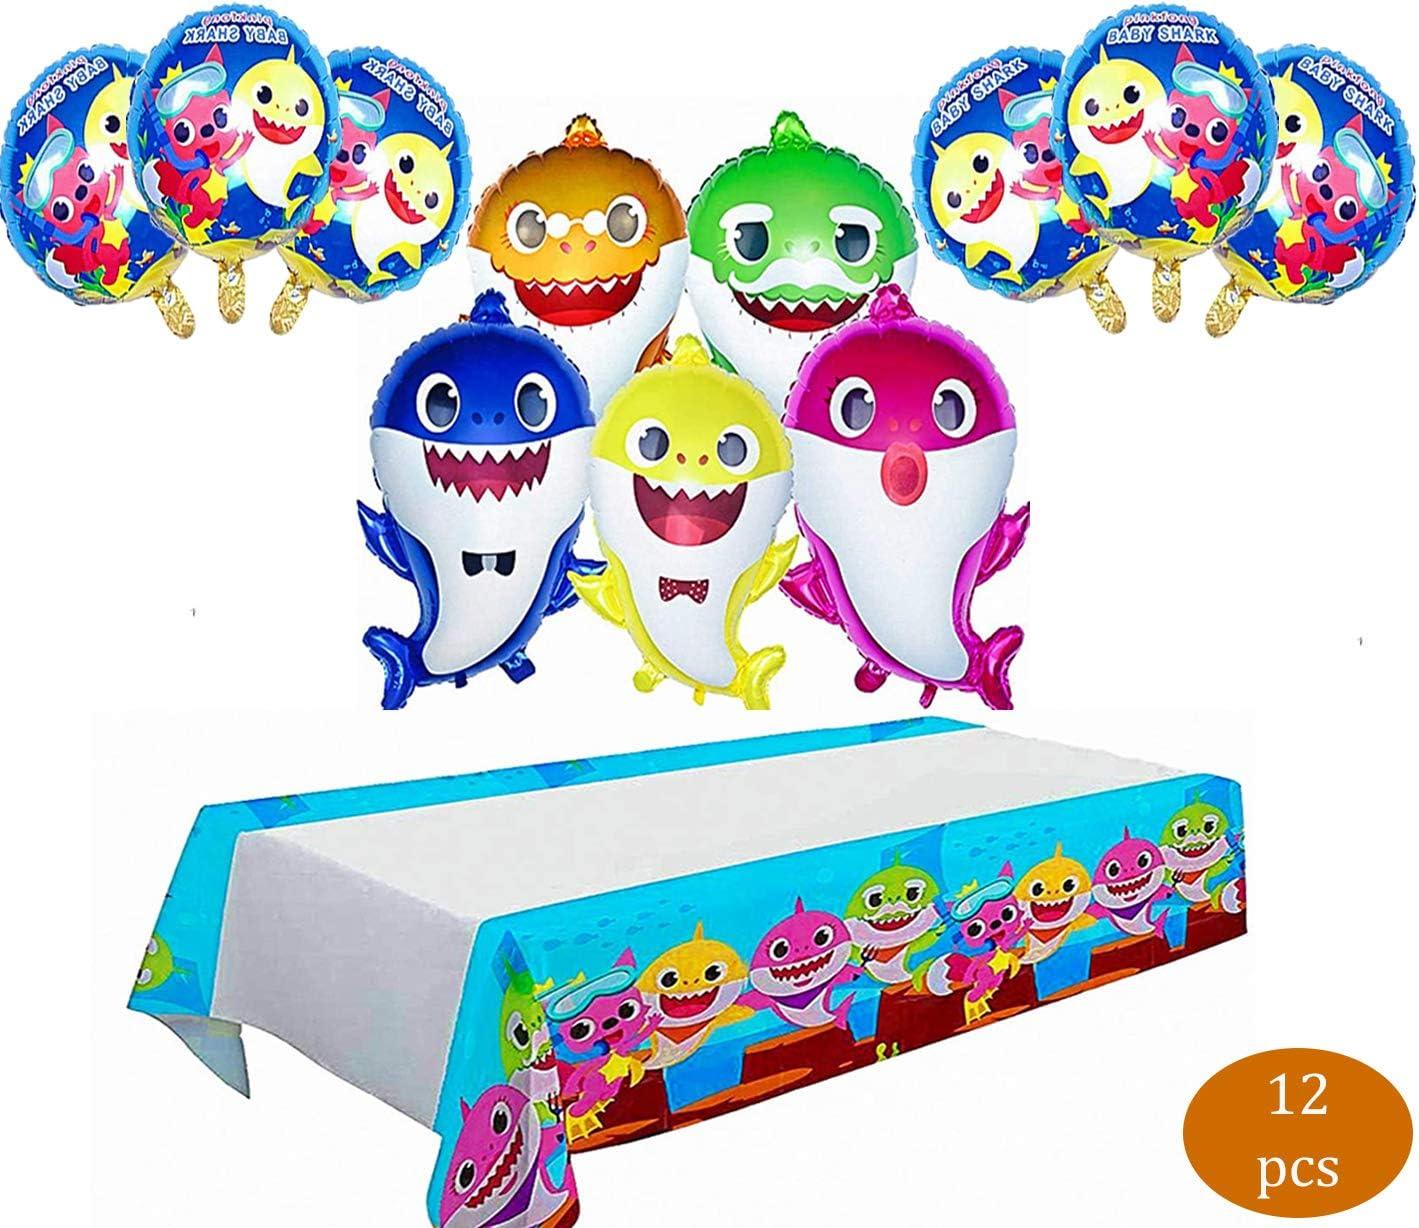 12 PCS Baby Shark Balloons|5pcs Shark Family Balloons|6 pcs Baby Shark Duplex Prints Foil Balloons|Baby Shark Tablecloth|Baby Shark Birthday Decorations